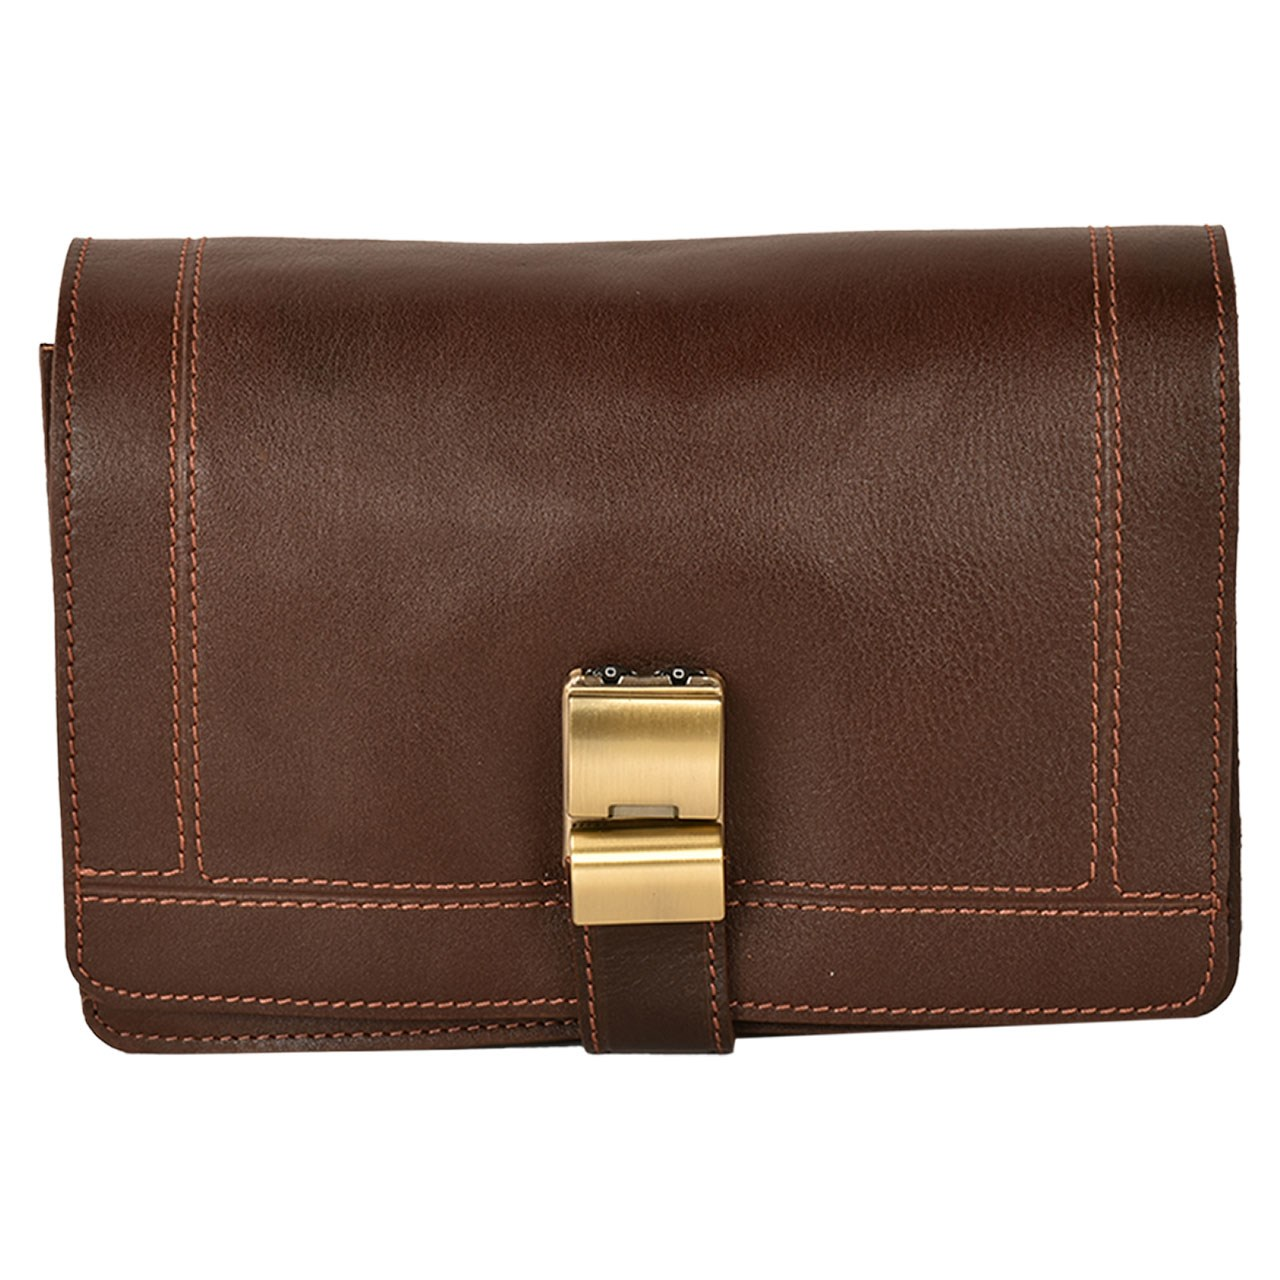 کیف دستی چرم طبیعی کهن چرم مدل DB17-7